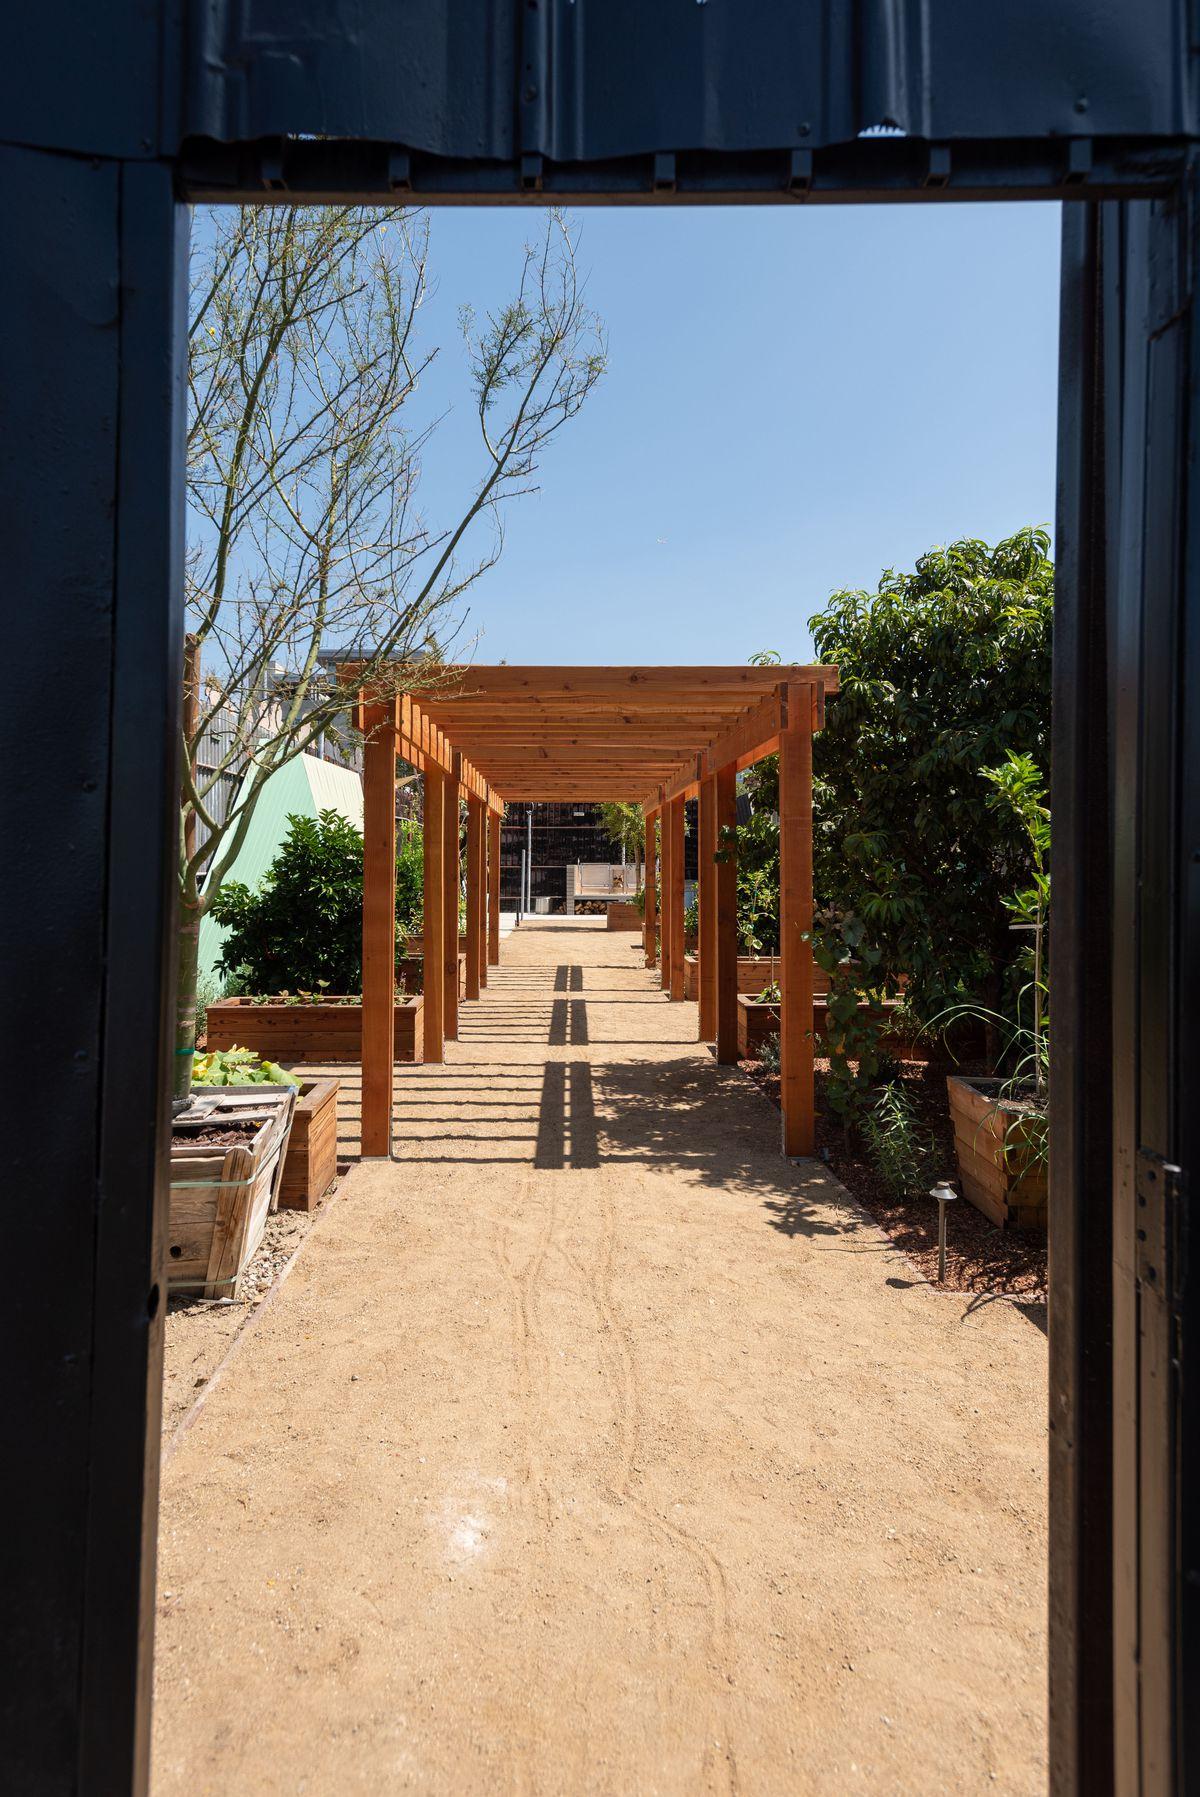 A garden in the sun is framed by a heavy black door.